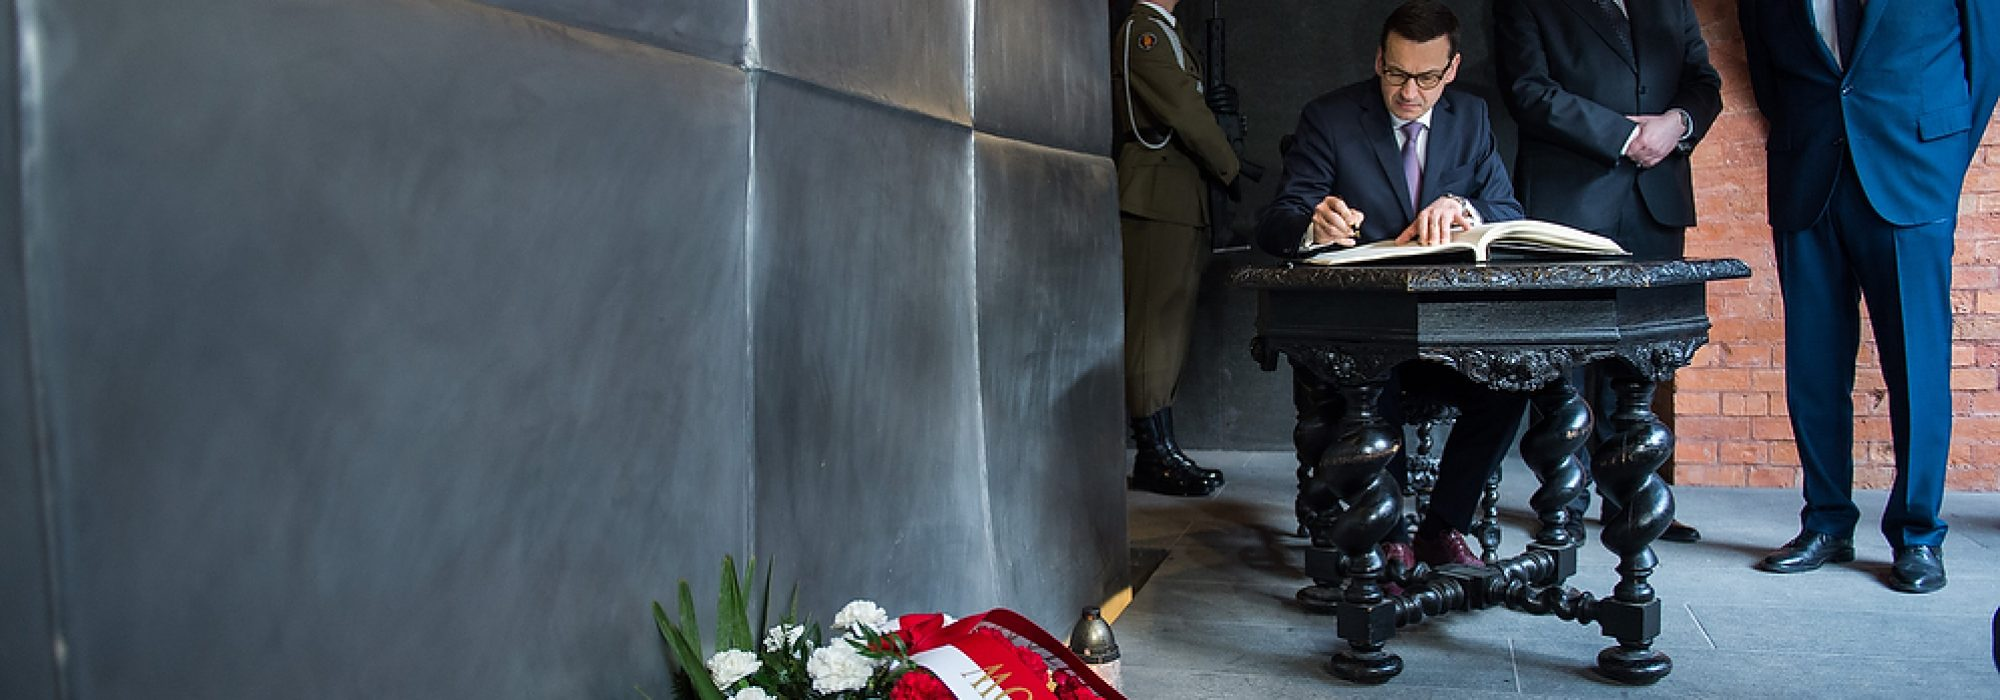 Warszawa | Premier Mateusz Morawiecki oddał hołd ofiarom zbrodni katyńskiej w Muzeum Katyńskim.